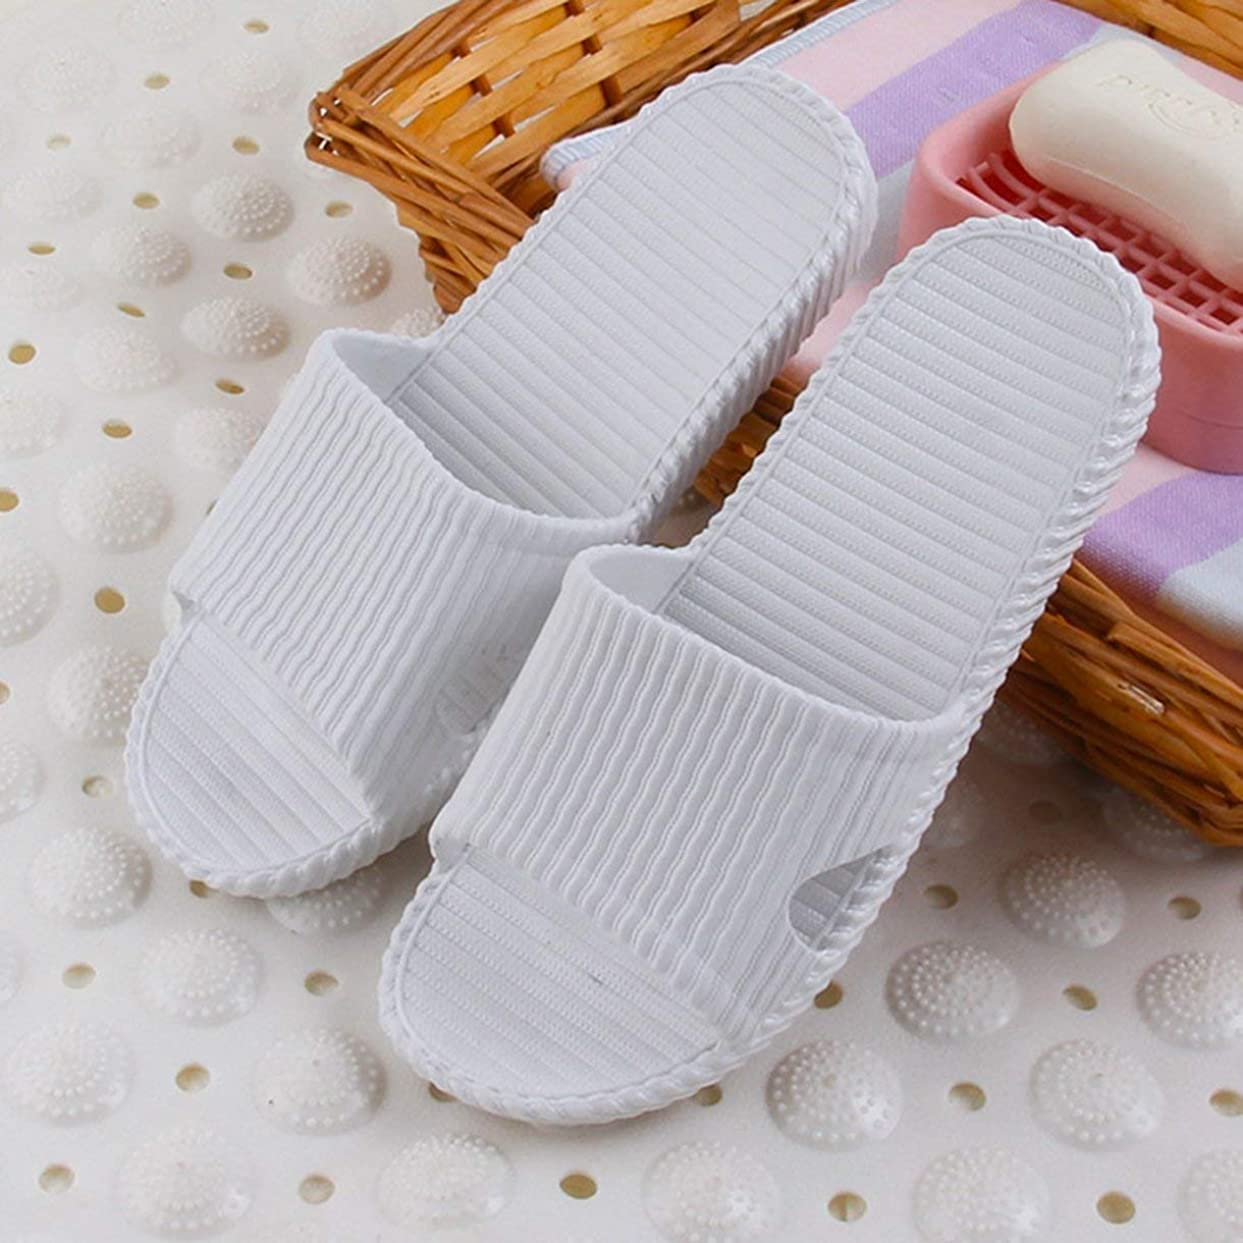 の量大事にする綺麗なUnisex Women Men Shoes Bathroom Skidproof Flat Sandals Summer Home Bathroom Slippers Casual Indoor Beach Slippers